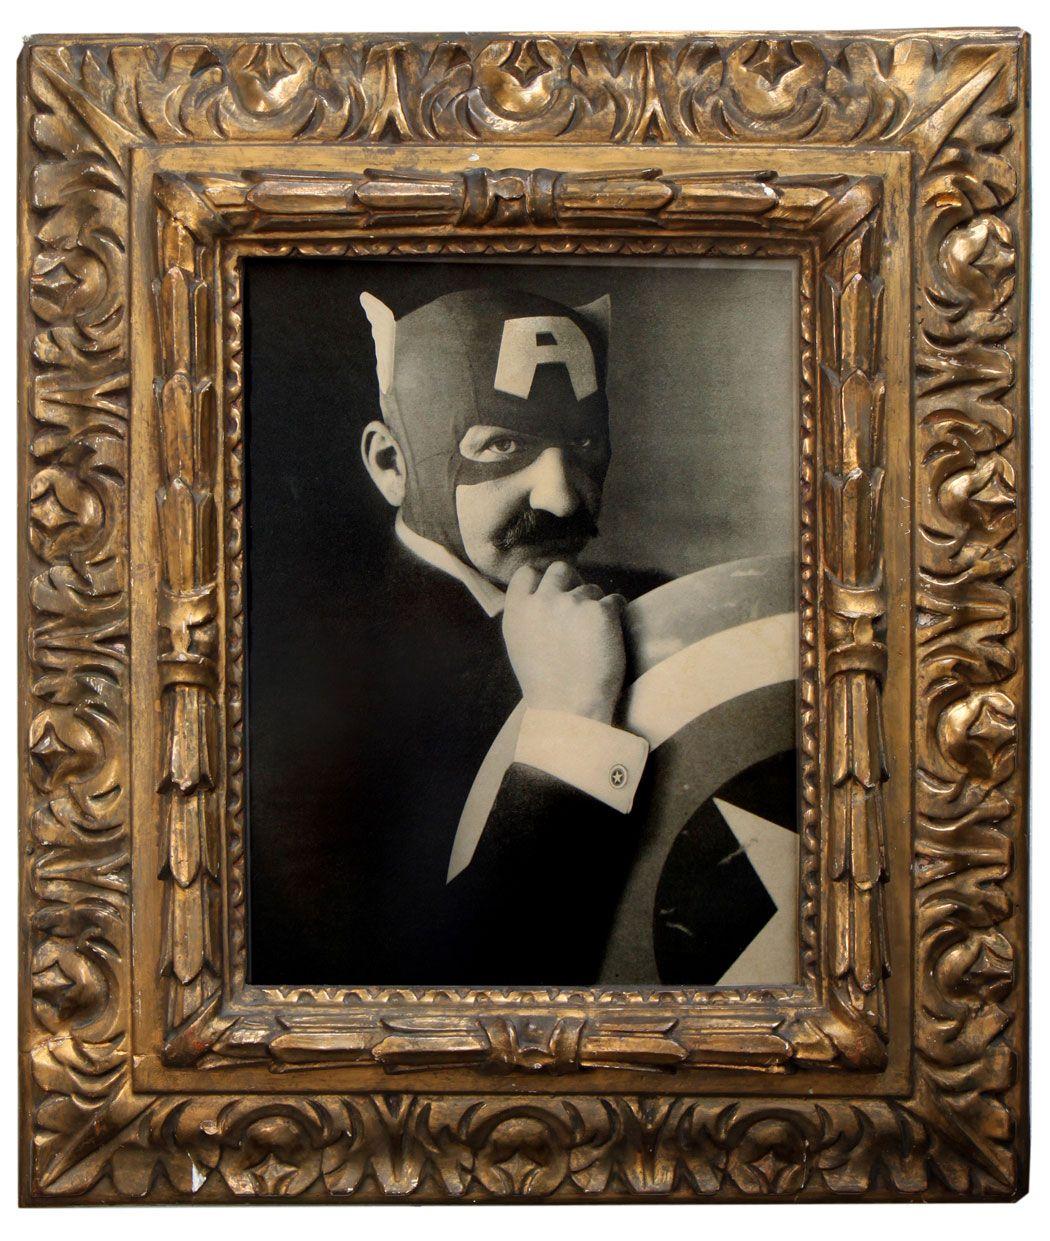 Nonno Goldrake e zio Vendetta: Fratelli Marvellini Fotografi_scudo_MilanoPlatinum